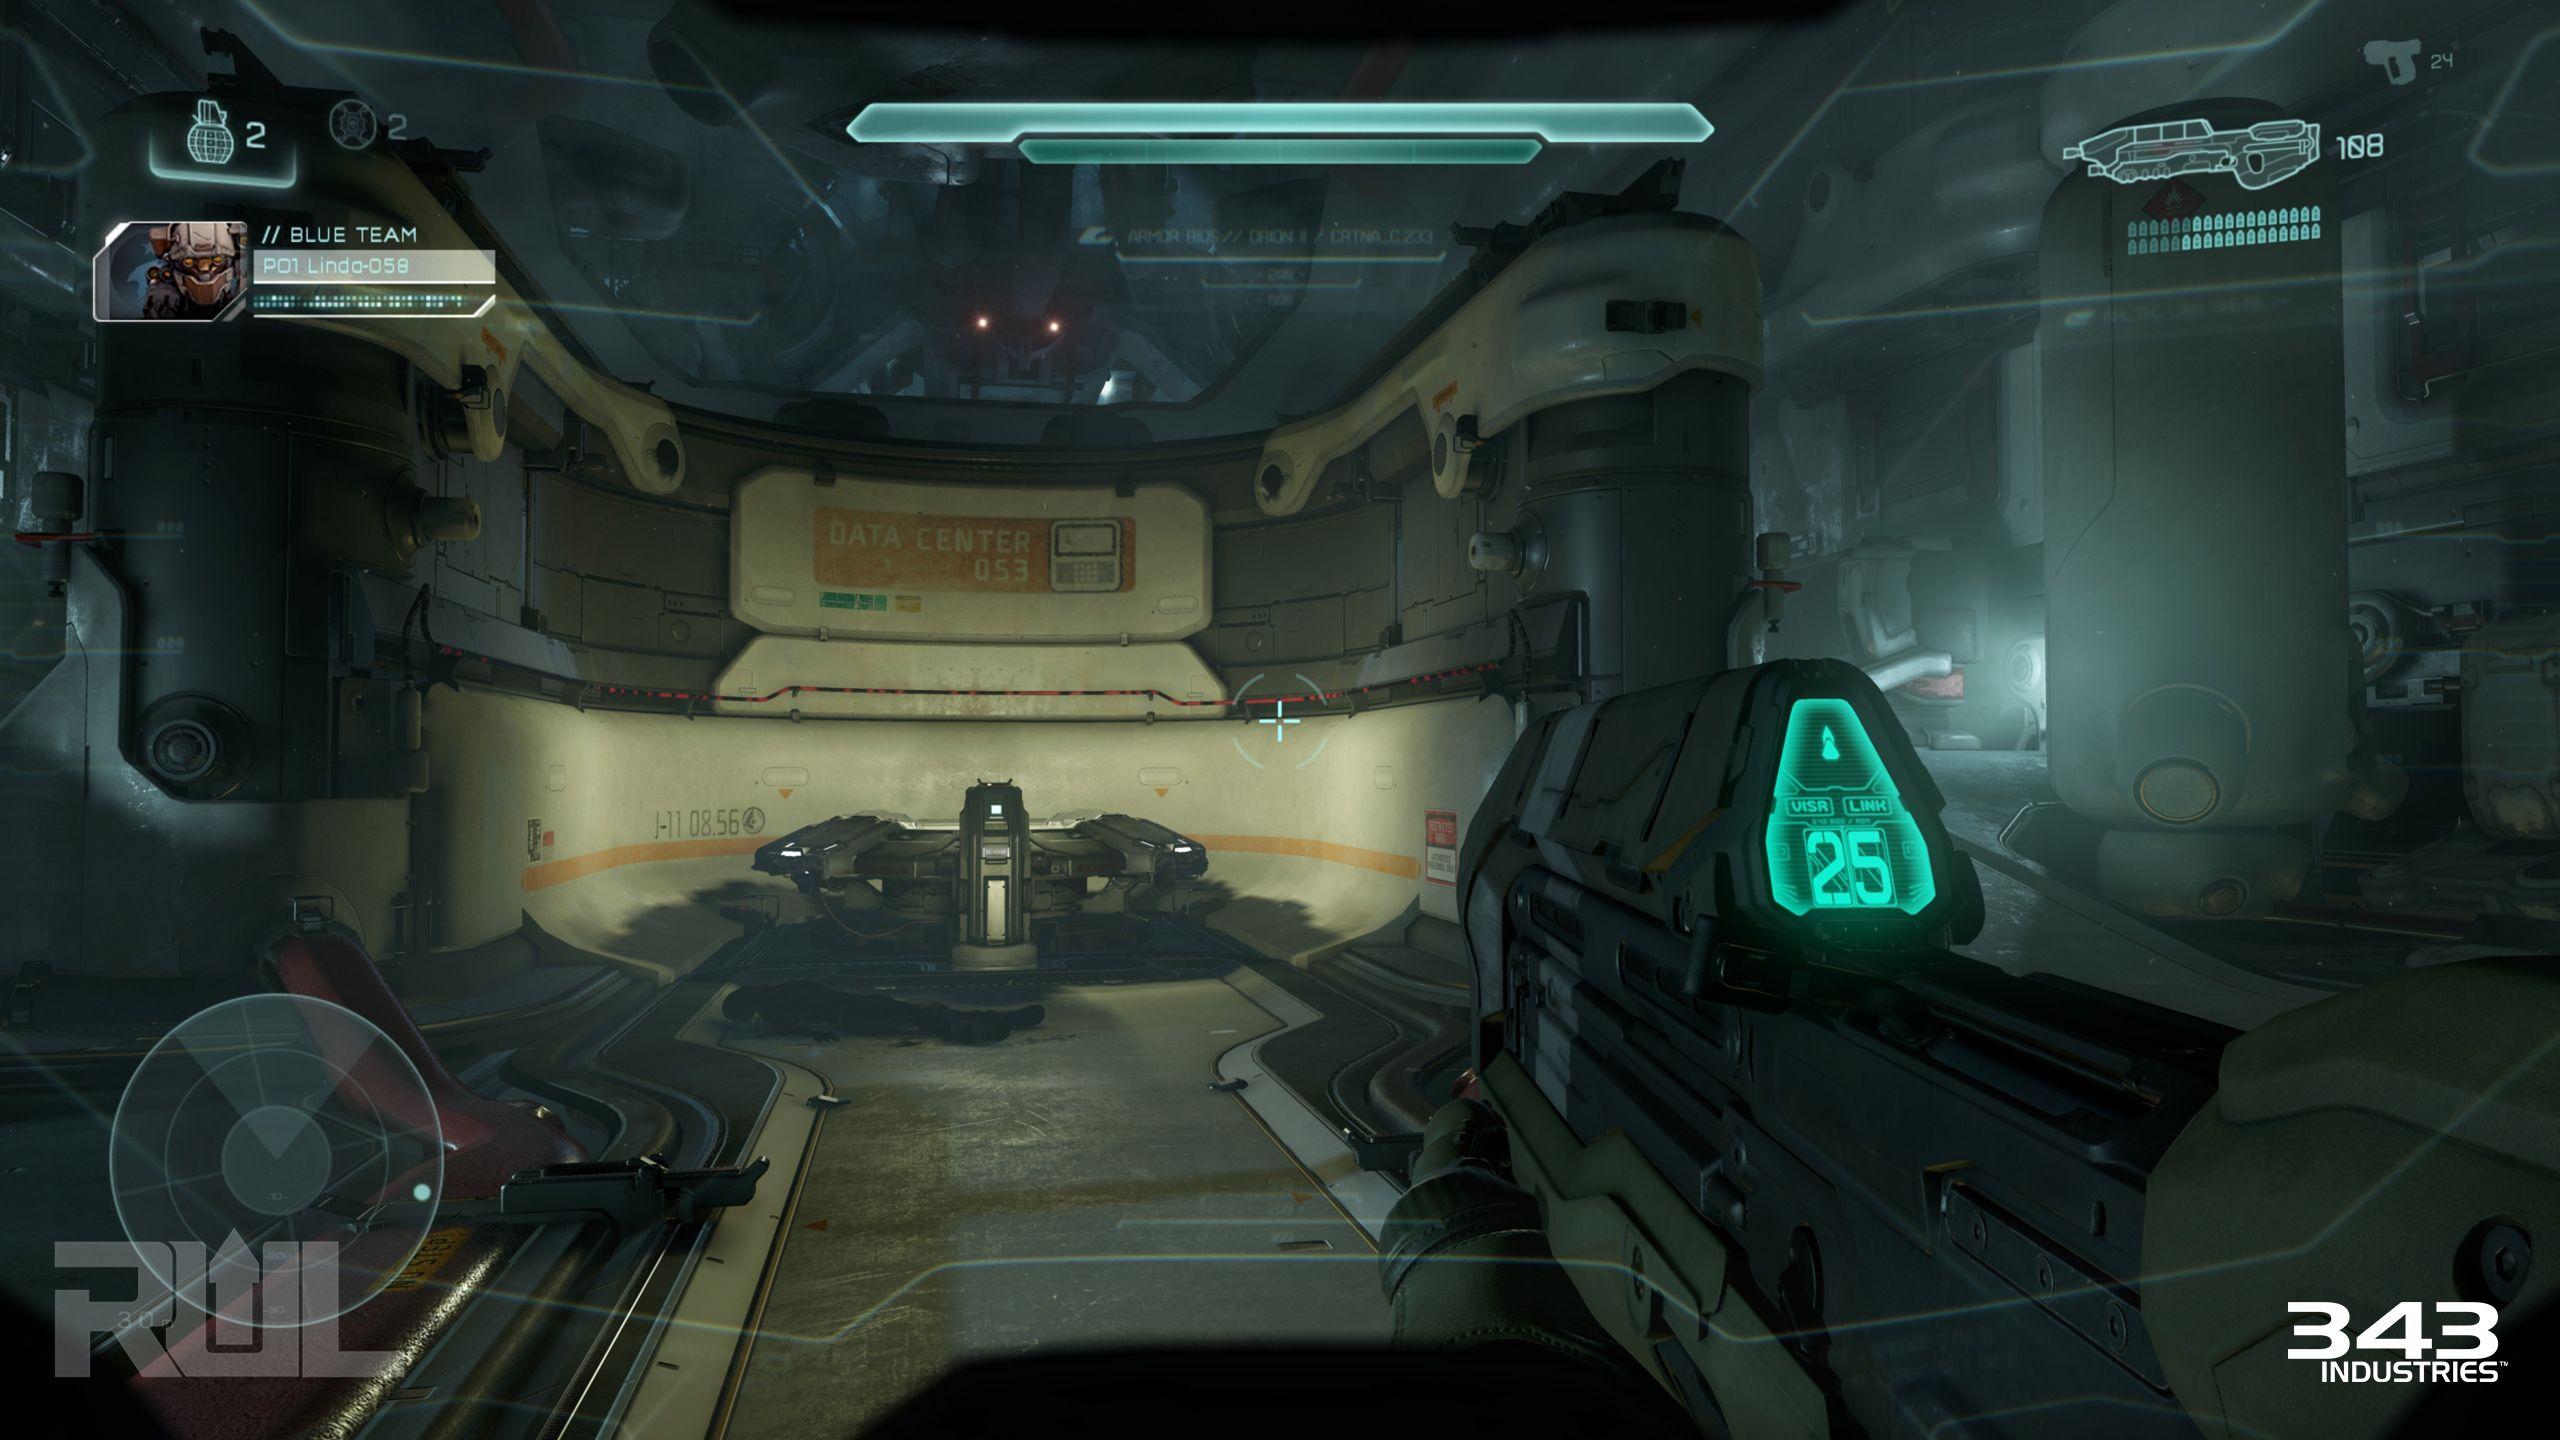 40d76a03afe halo 5 dmr hud campaign - Google zoeken | combat armor | Halo 5 ...